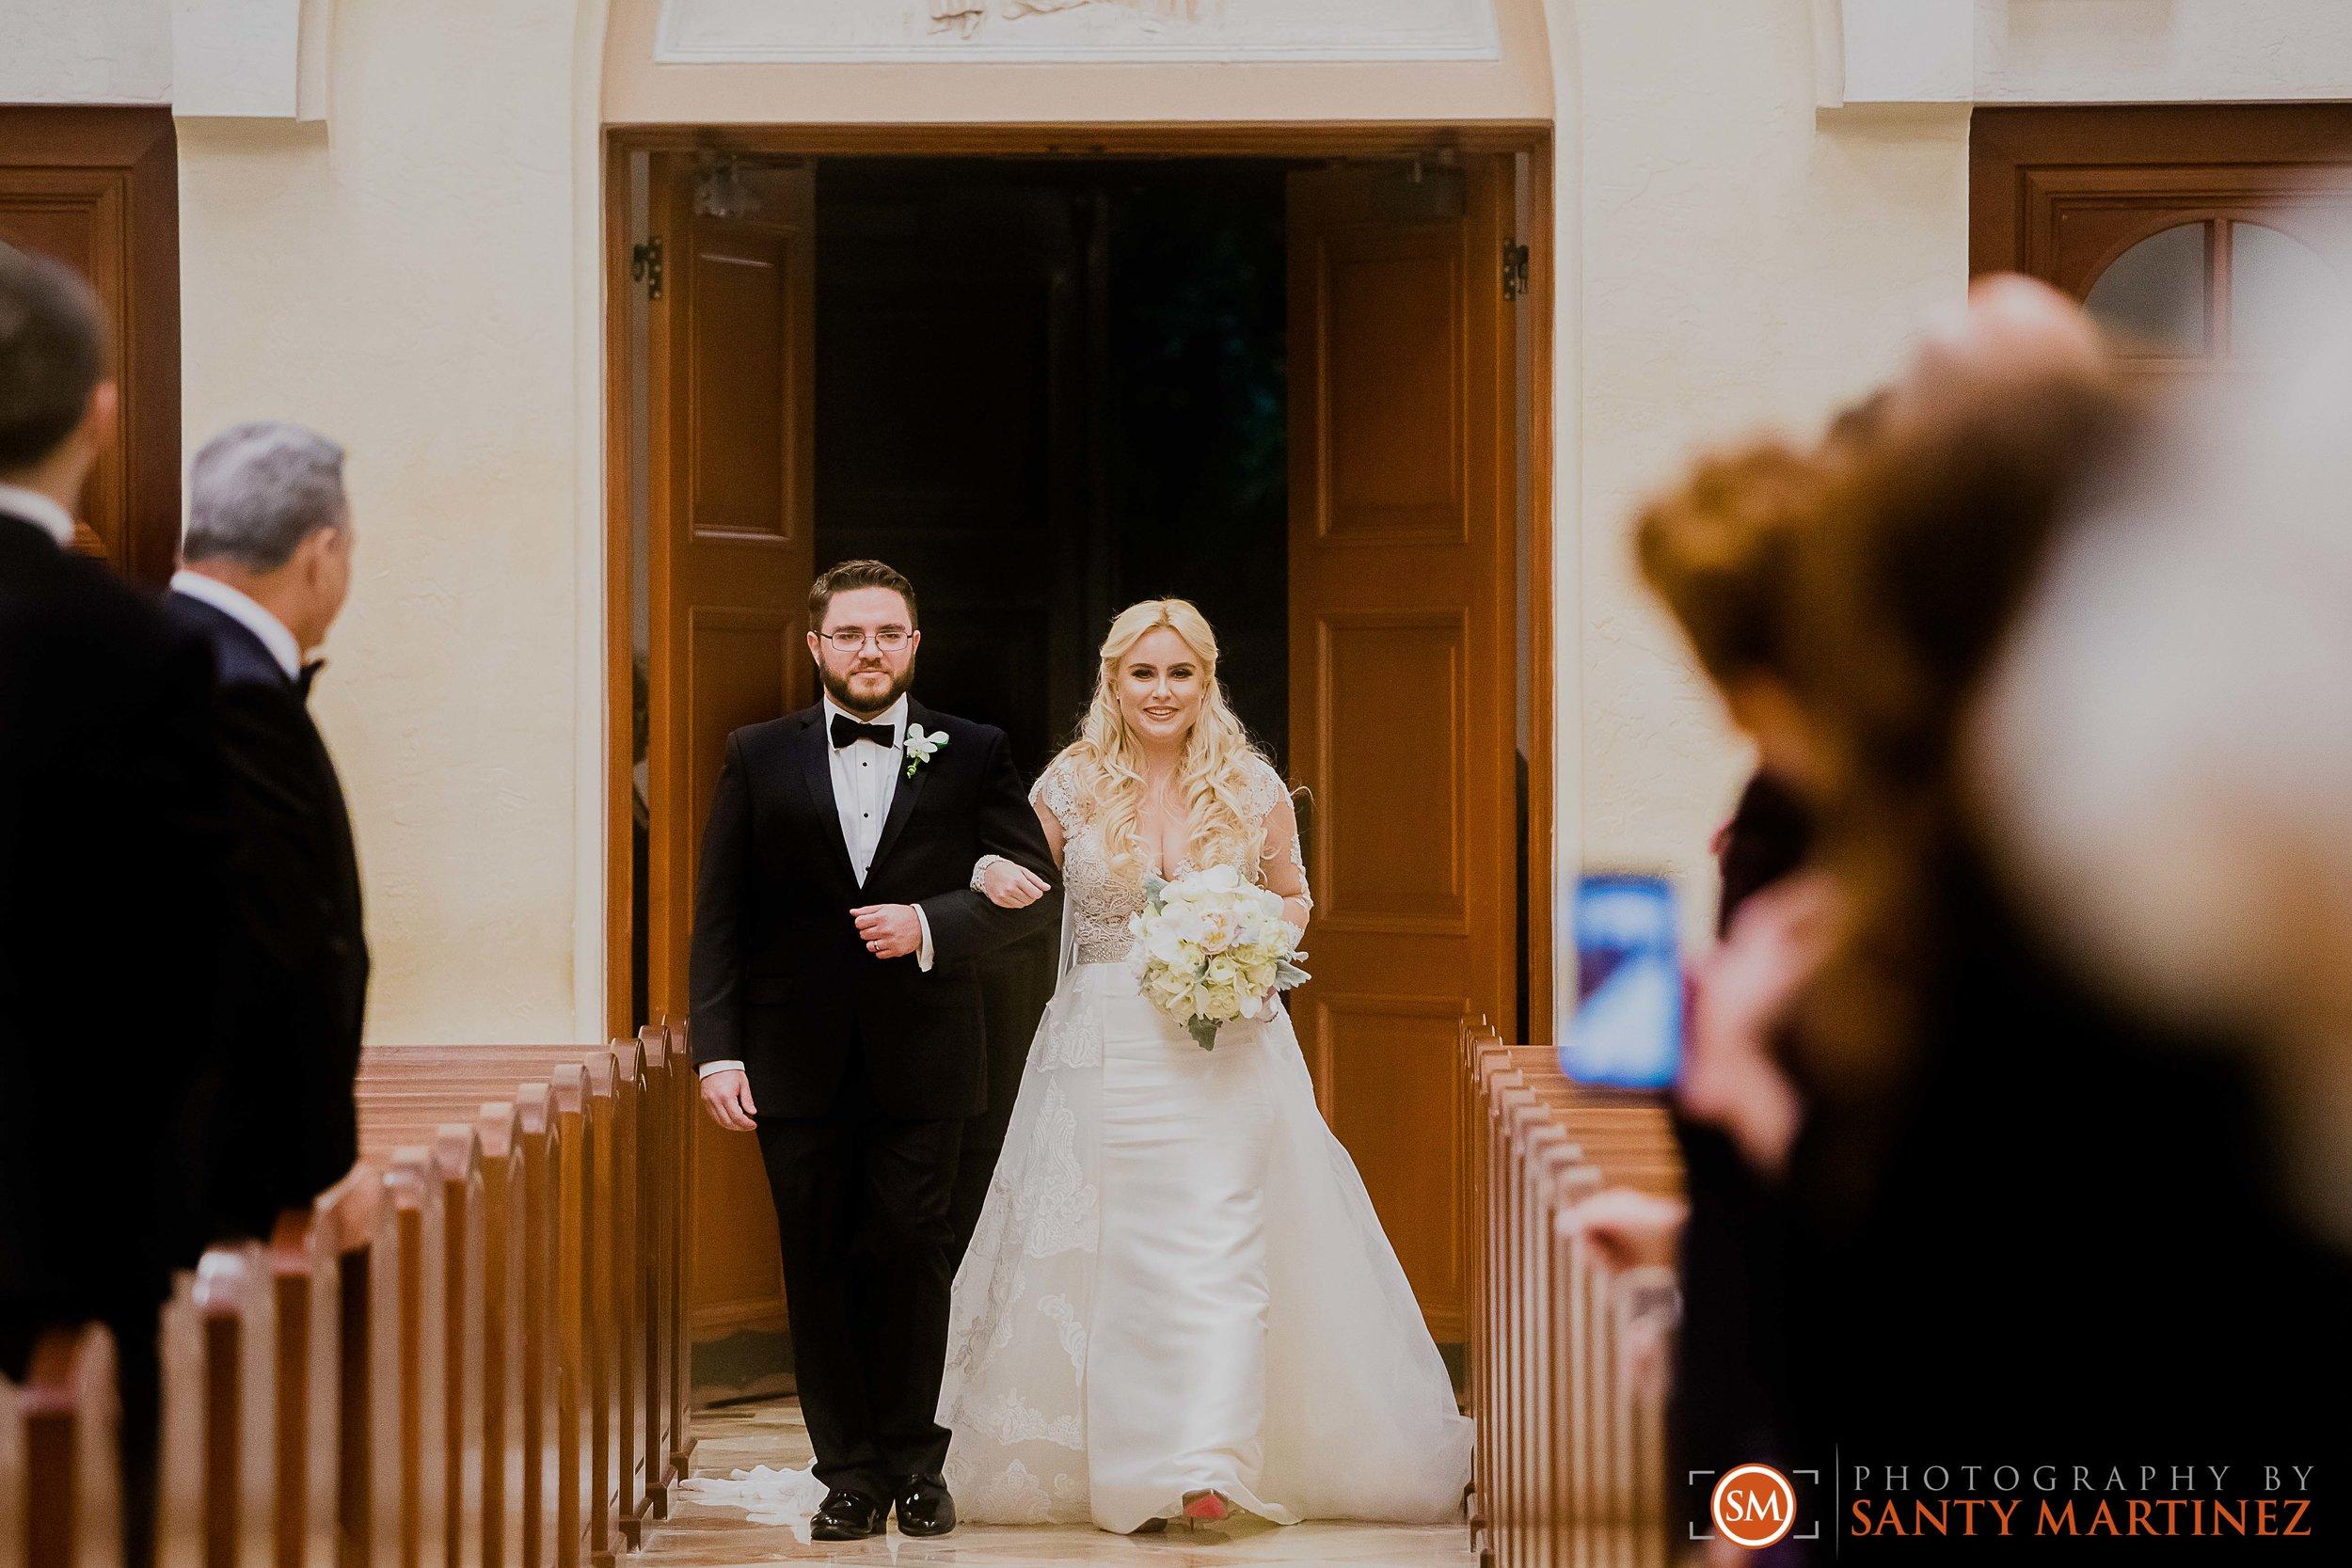 Wedding - W Hotel - St Patrick Miami Beach - Santy Martinez Photography-19.jpg